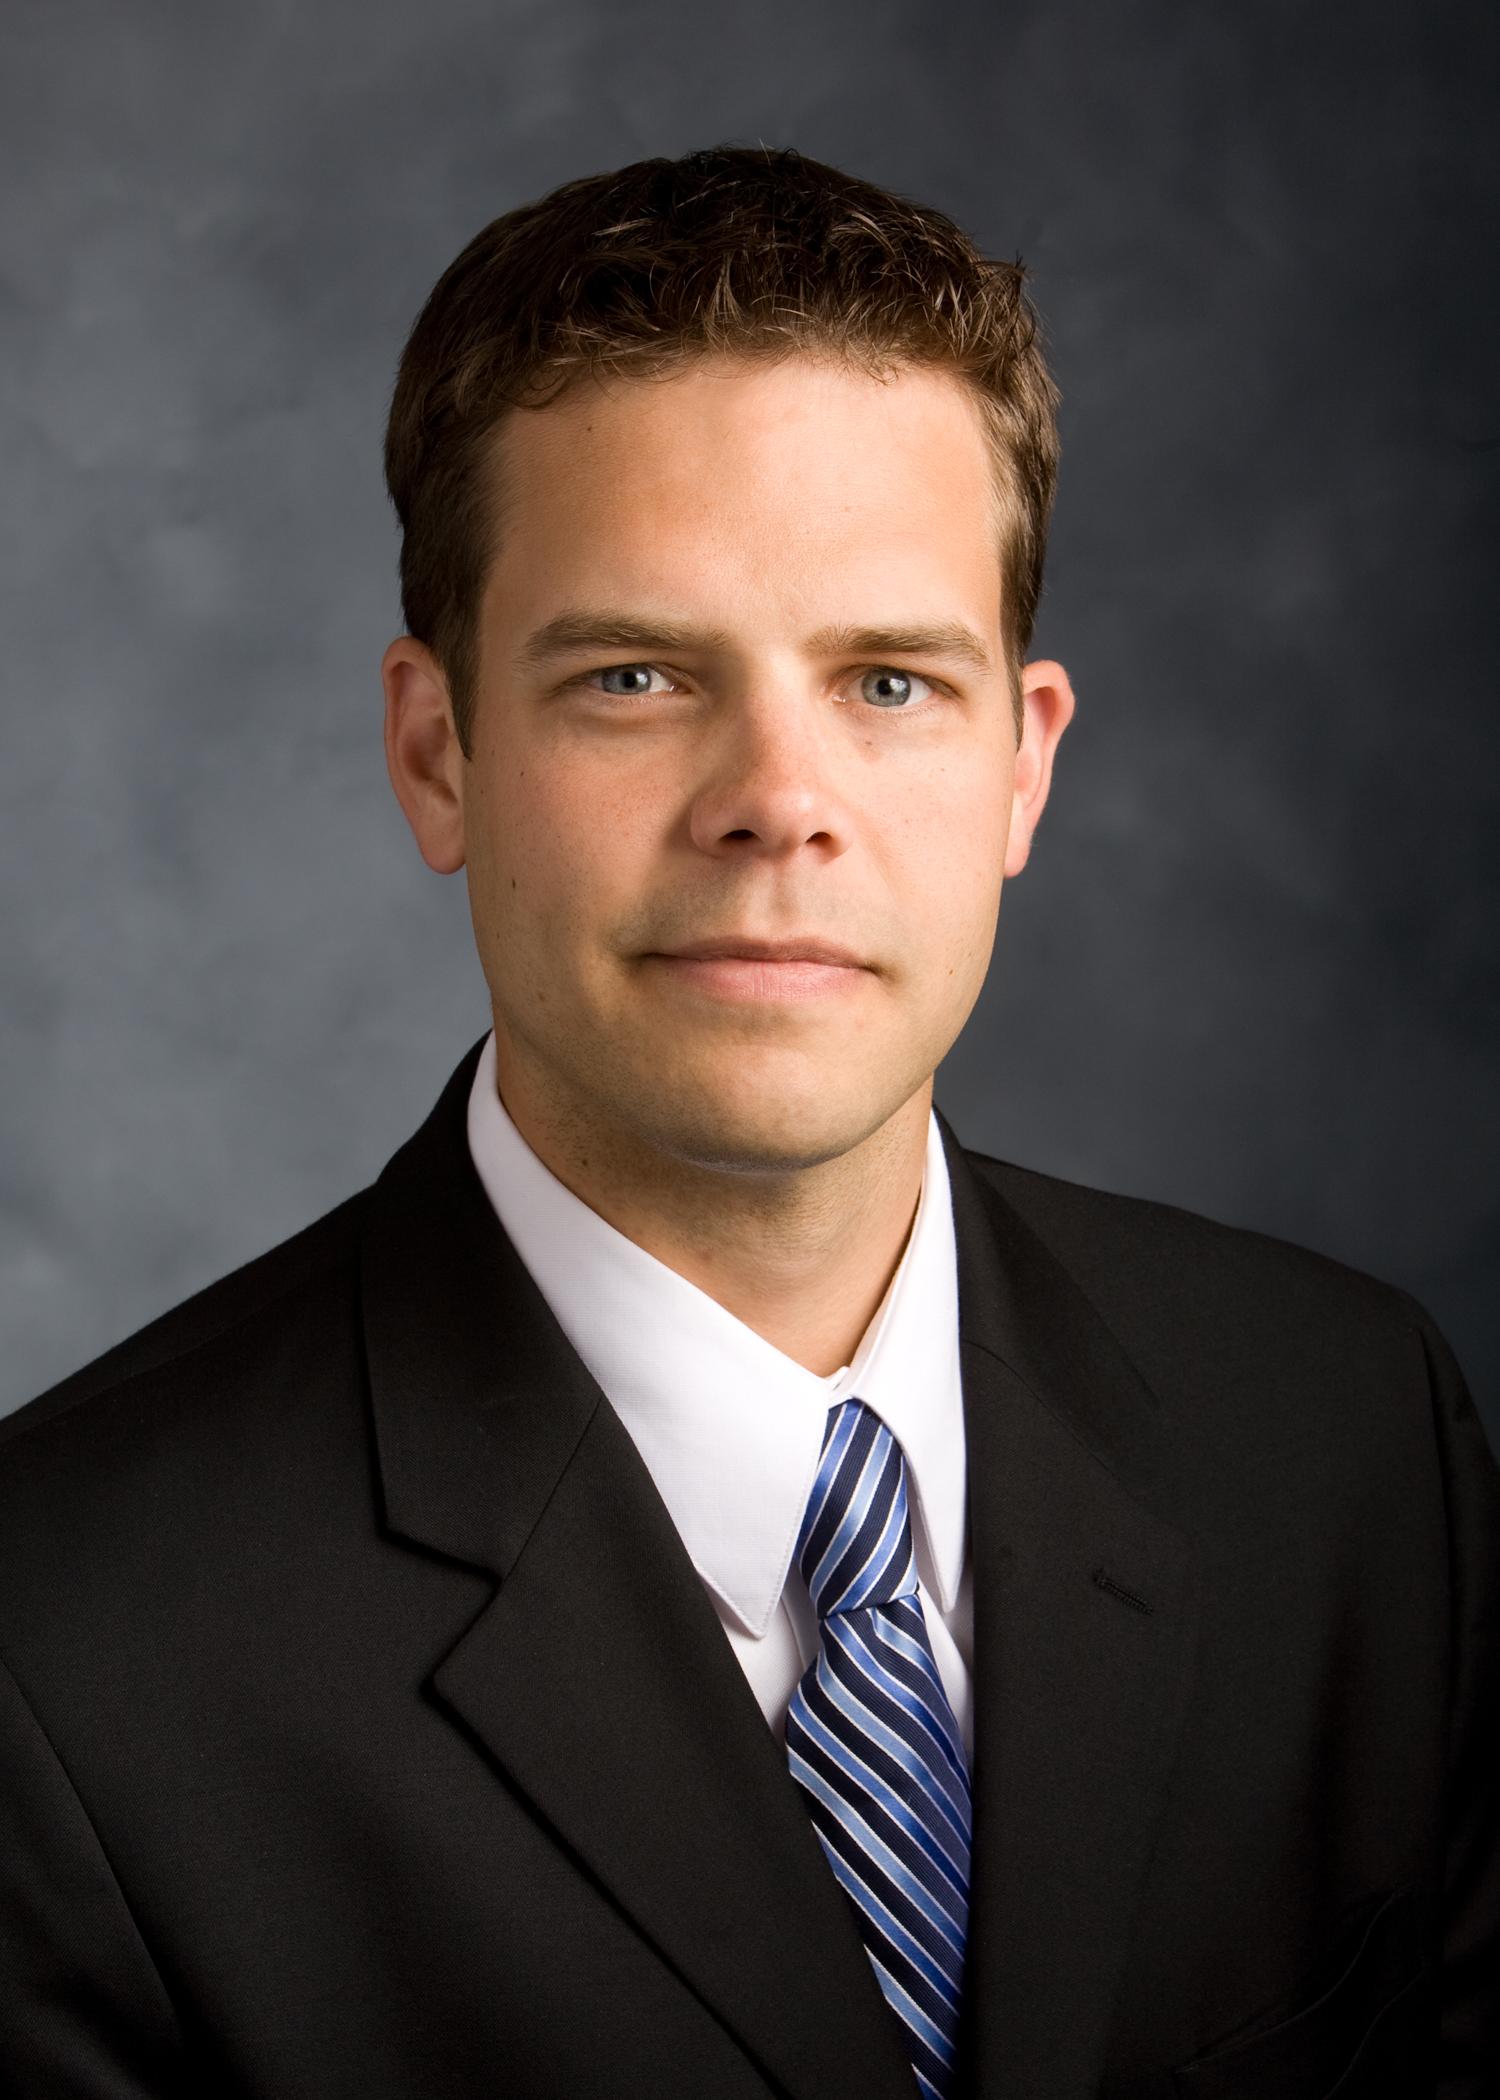 Steve Karlson